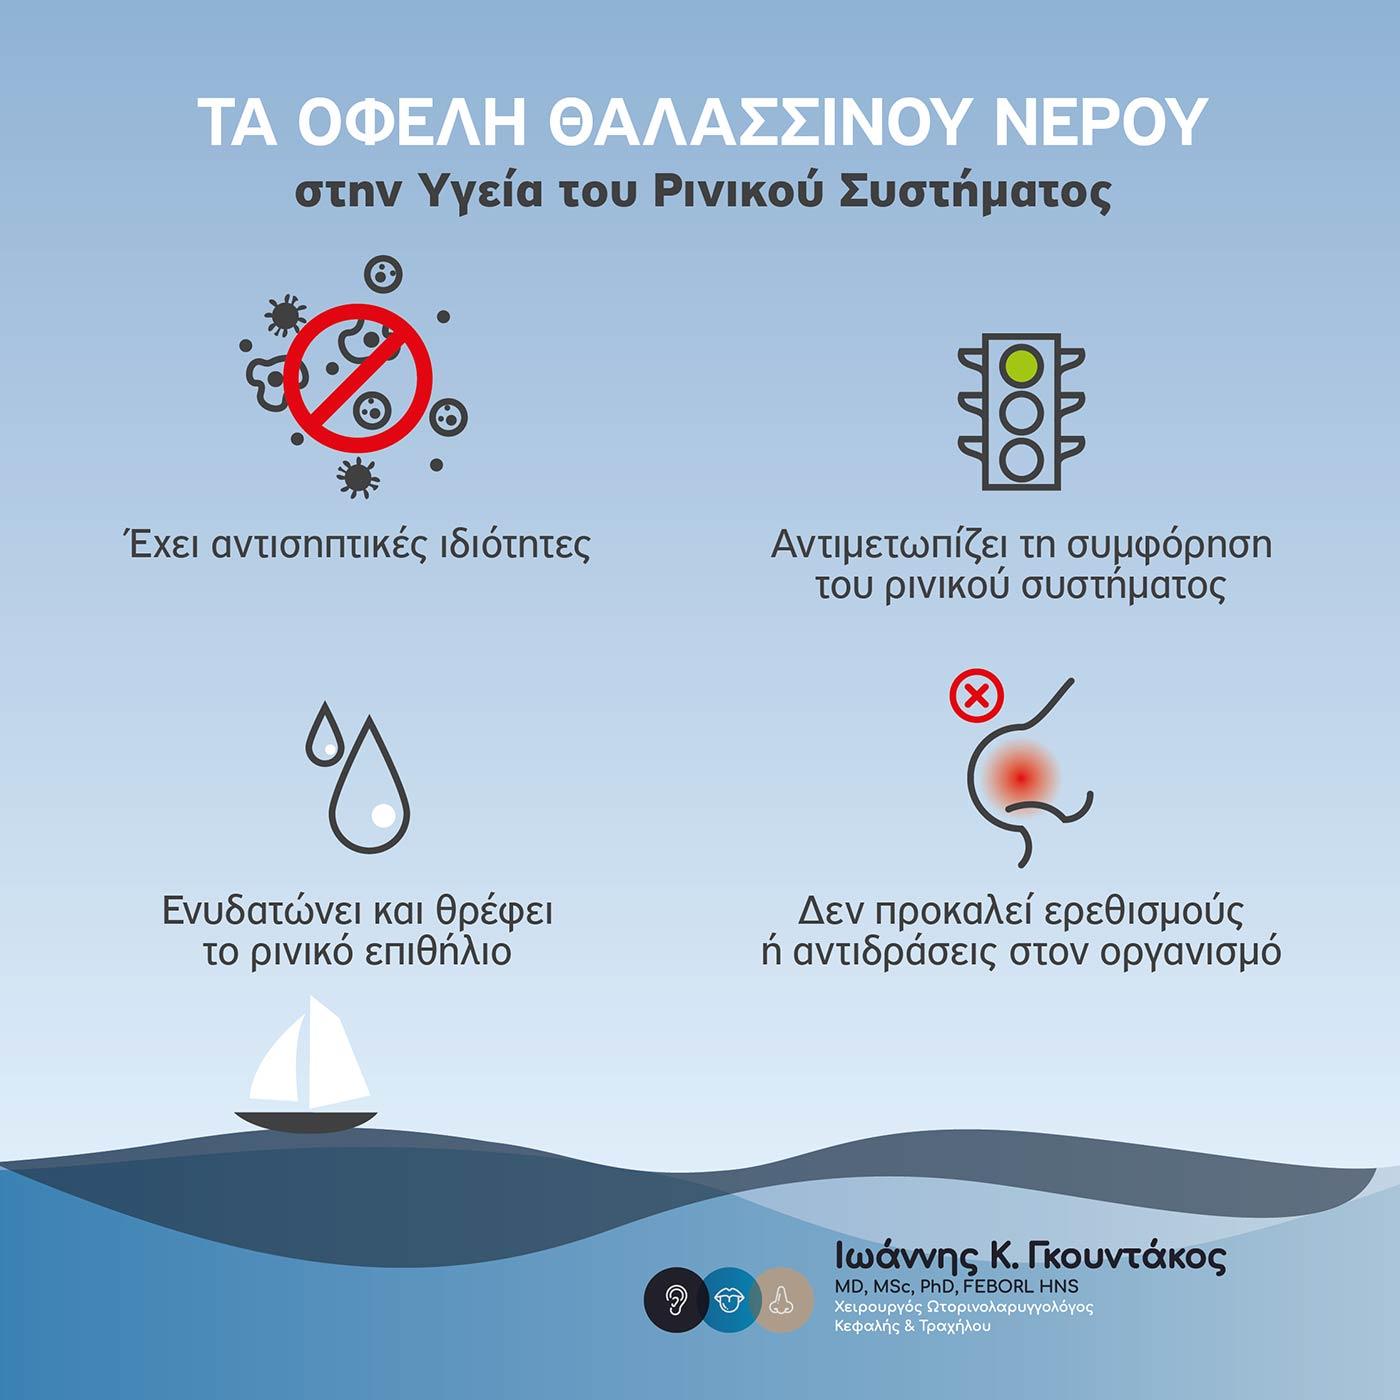 Τα οφέλη του θαλασσινού νερού